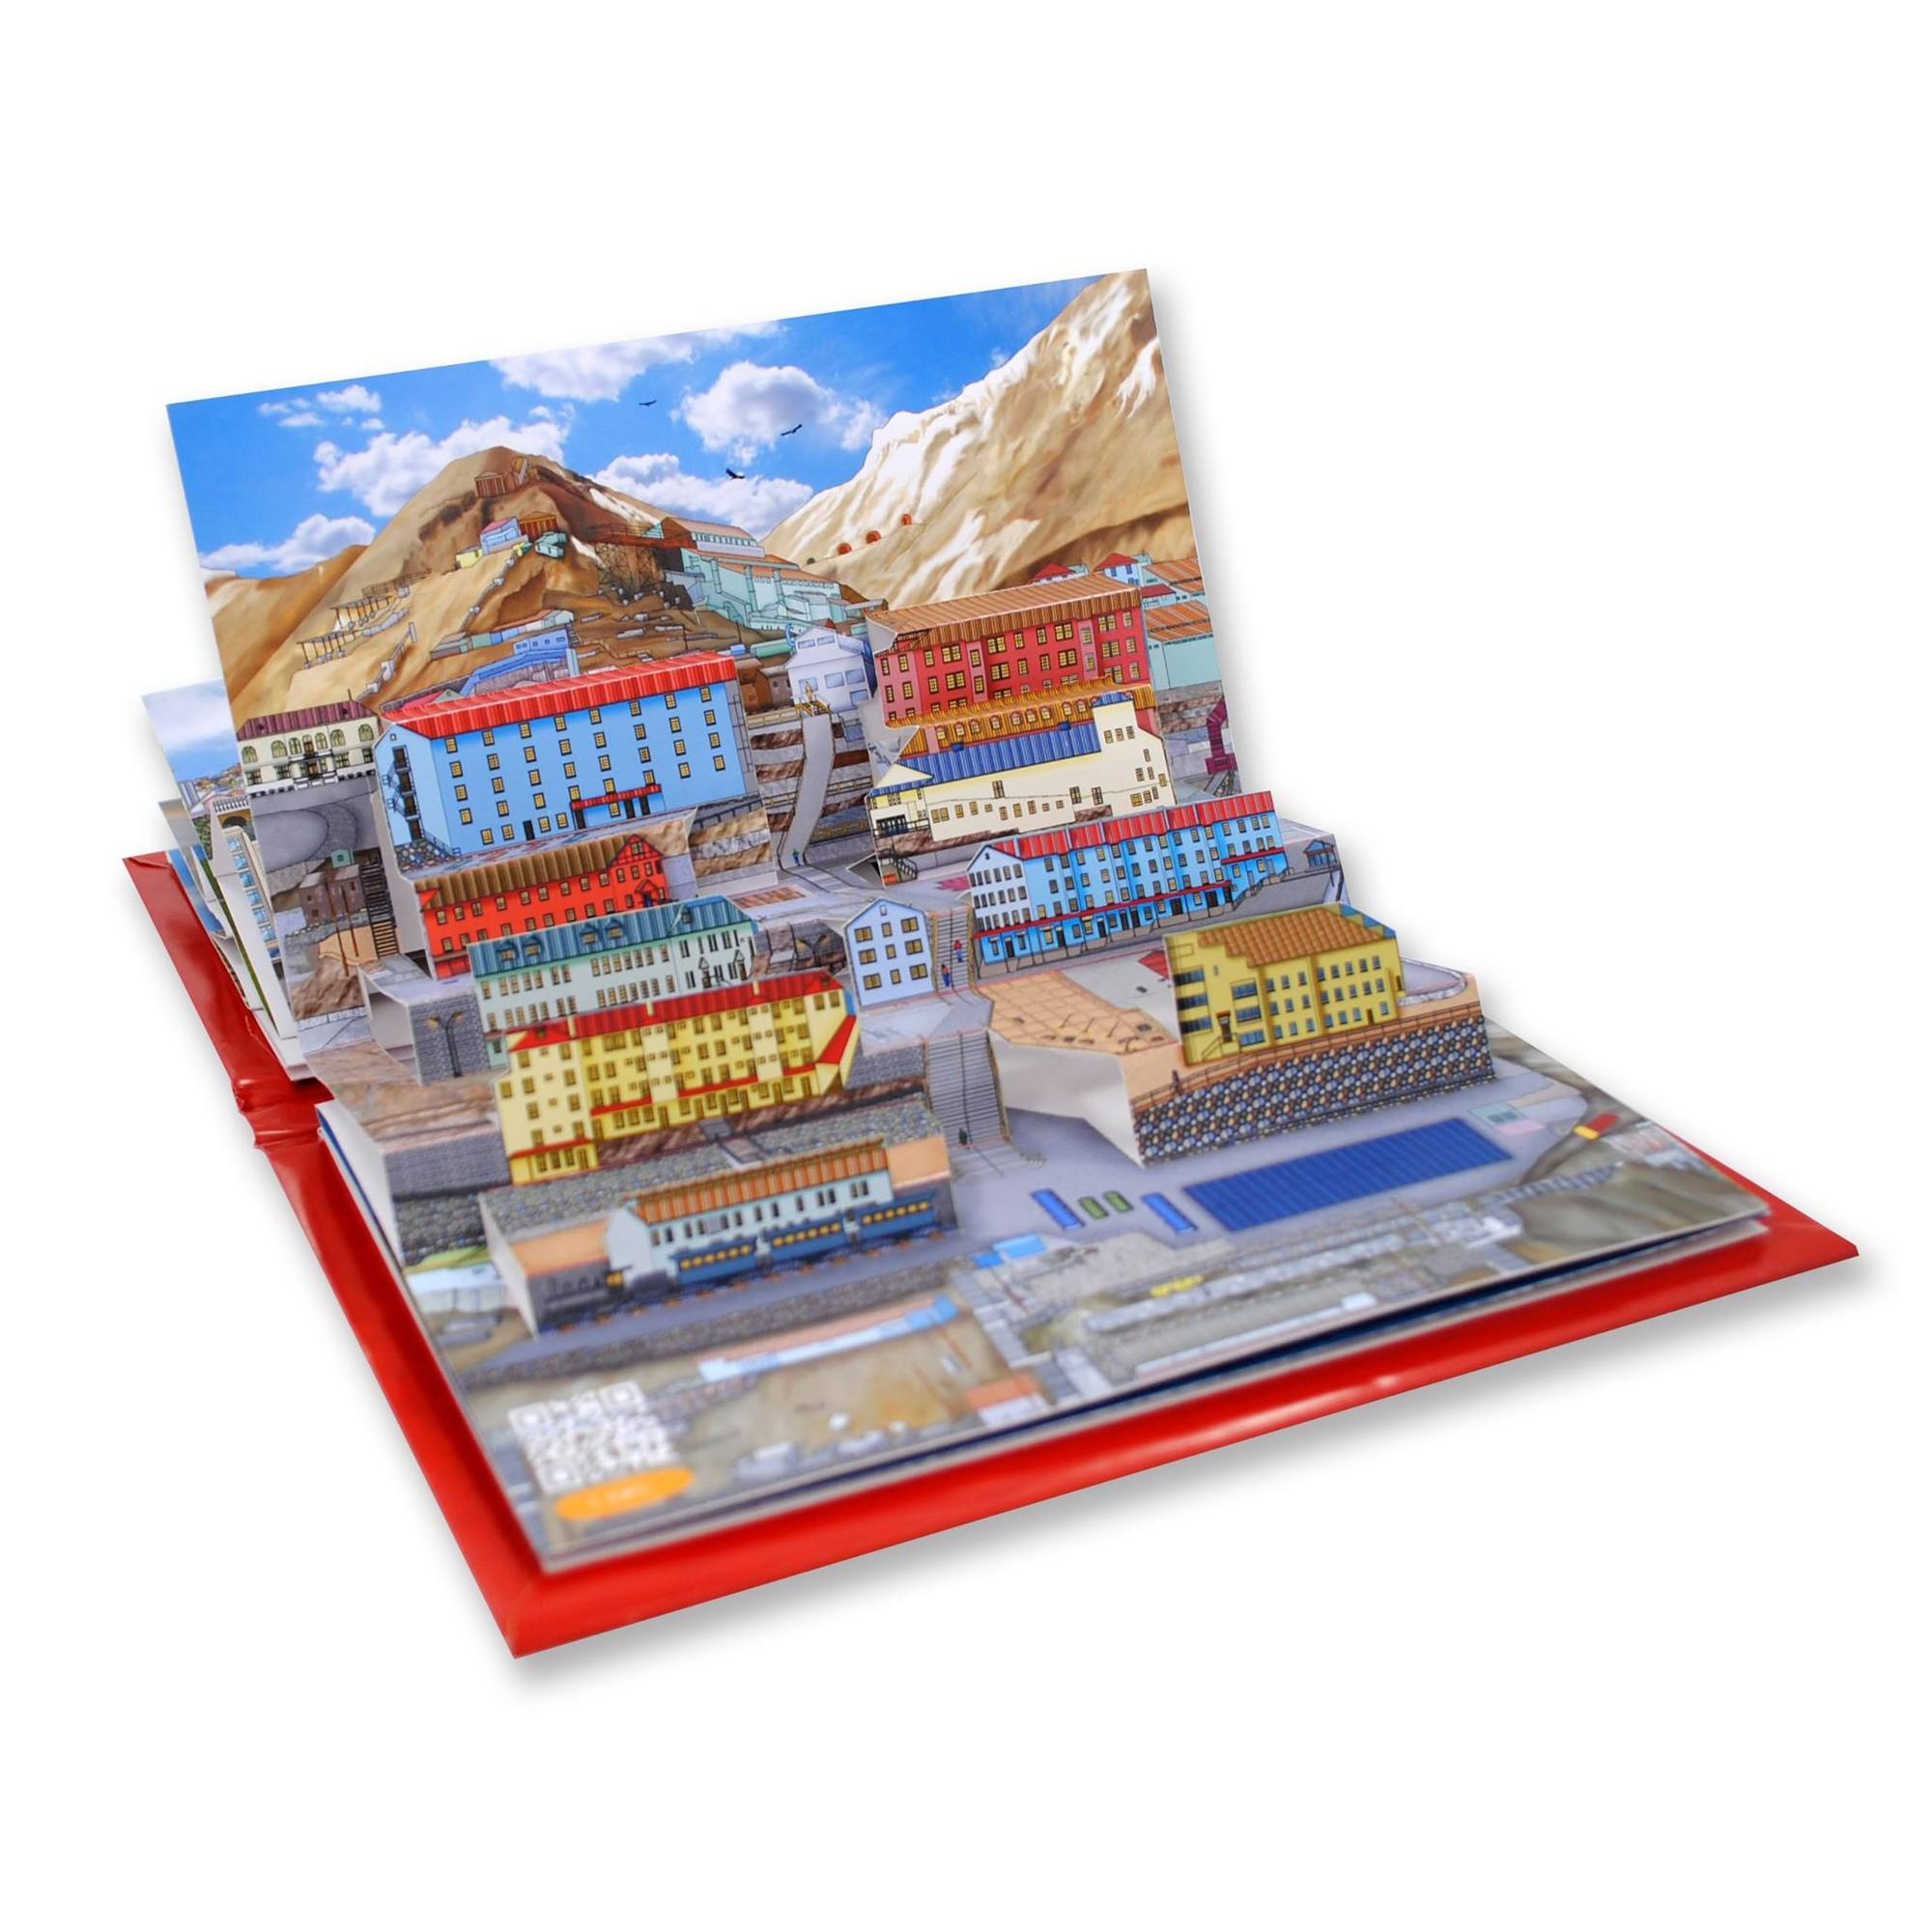 """Arte e Arquitetura: """"Minha Cidade de Papel"""", atrativos patrimoniais ao estilo pop-up, Libro Pop-UP Tesoros de Chile. Image Courtesy of Mi Ciudad de Papel"""